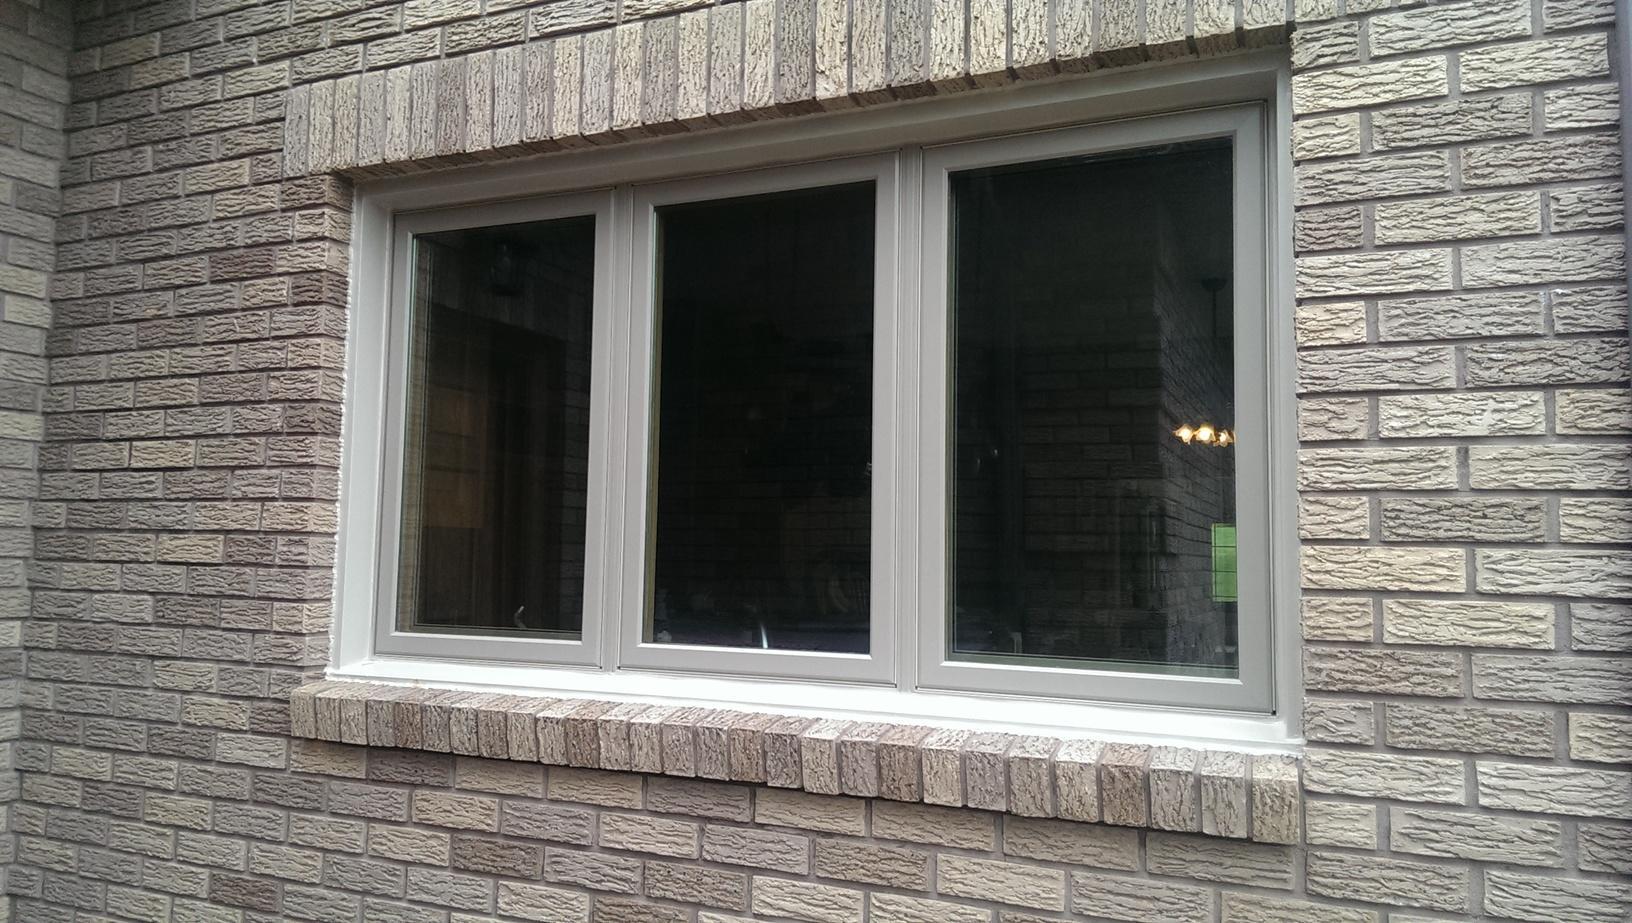 Marvin Infinity Casement Window Replacement in NJ